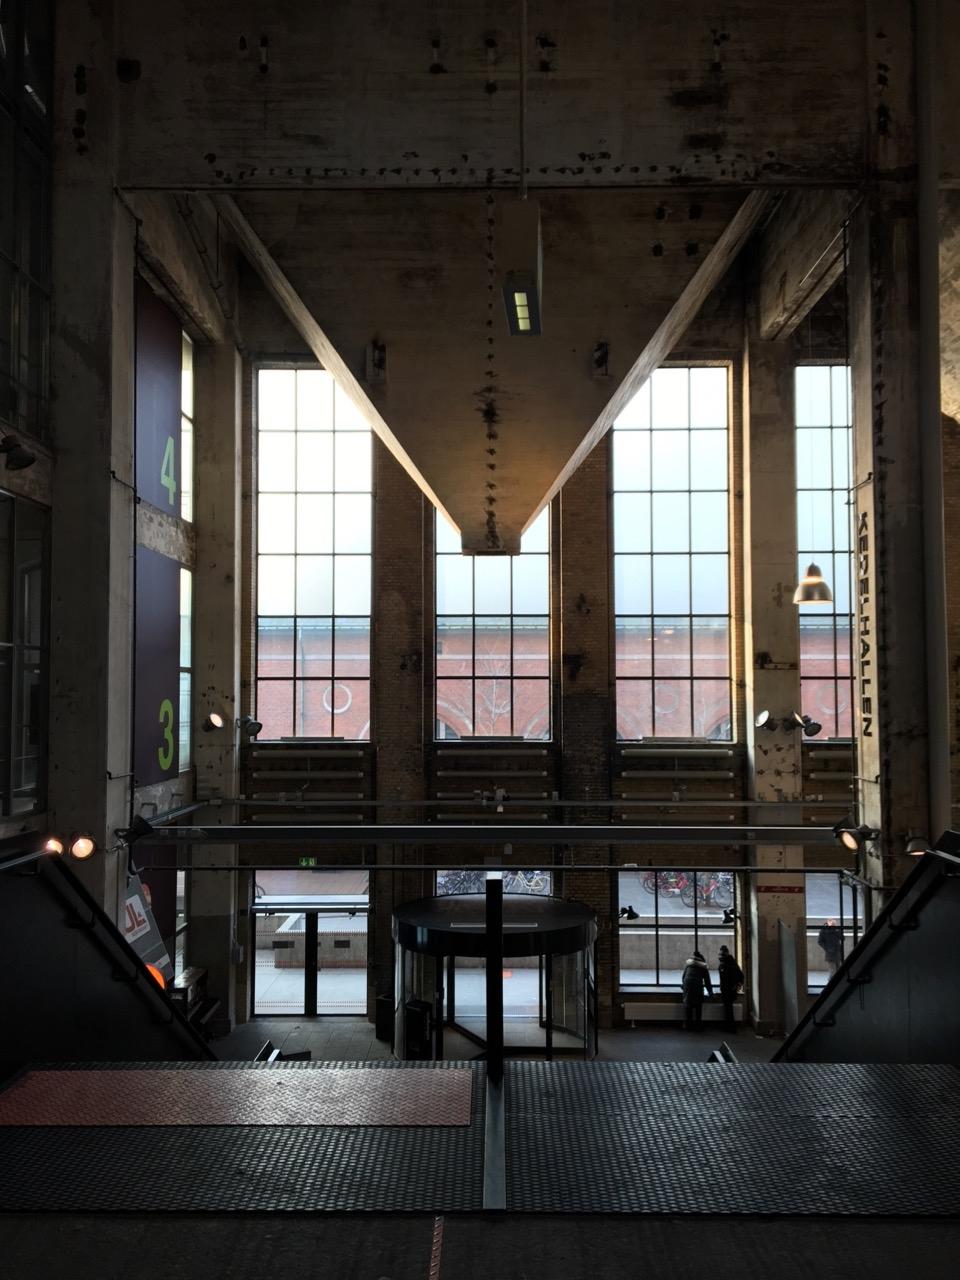 Nordkraft_aalborg_kedelhallen